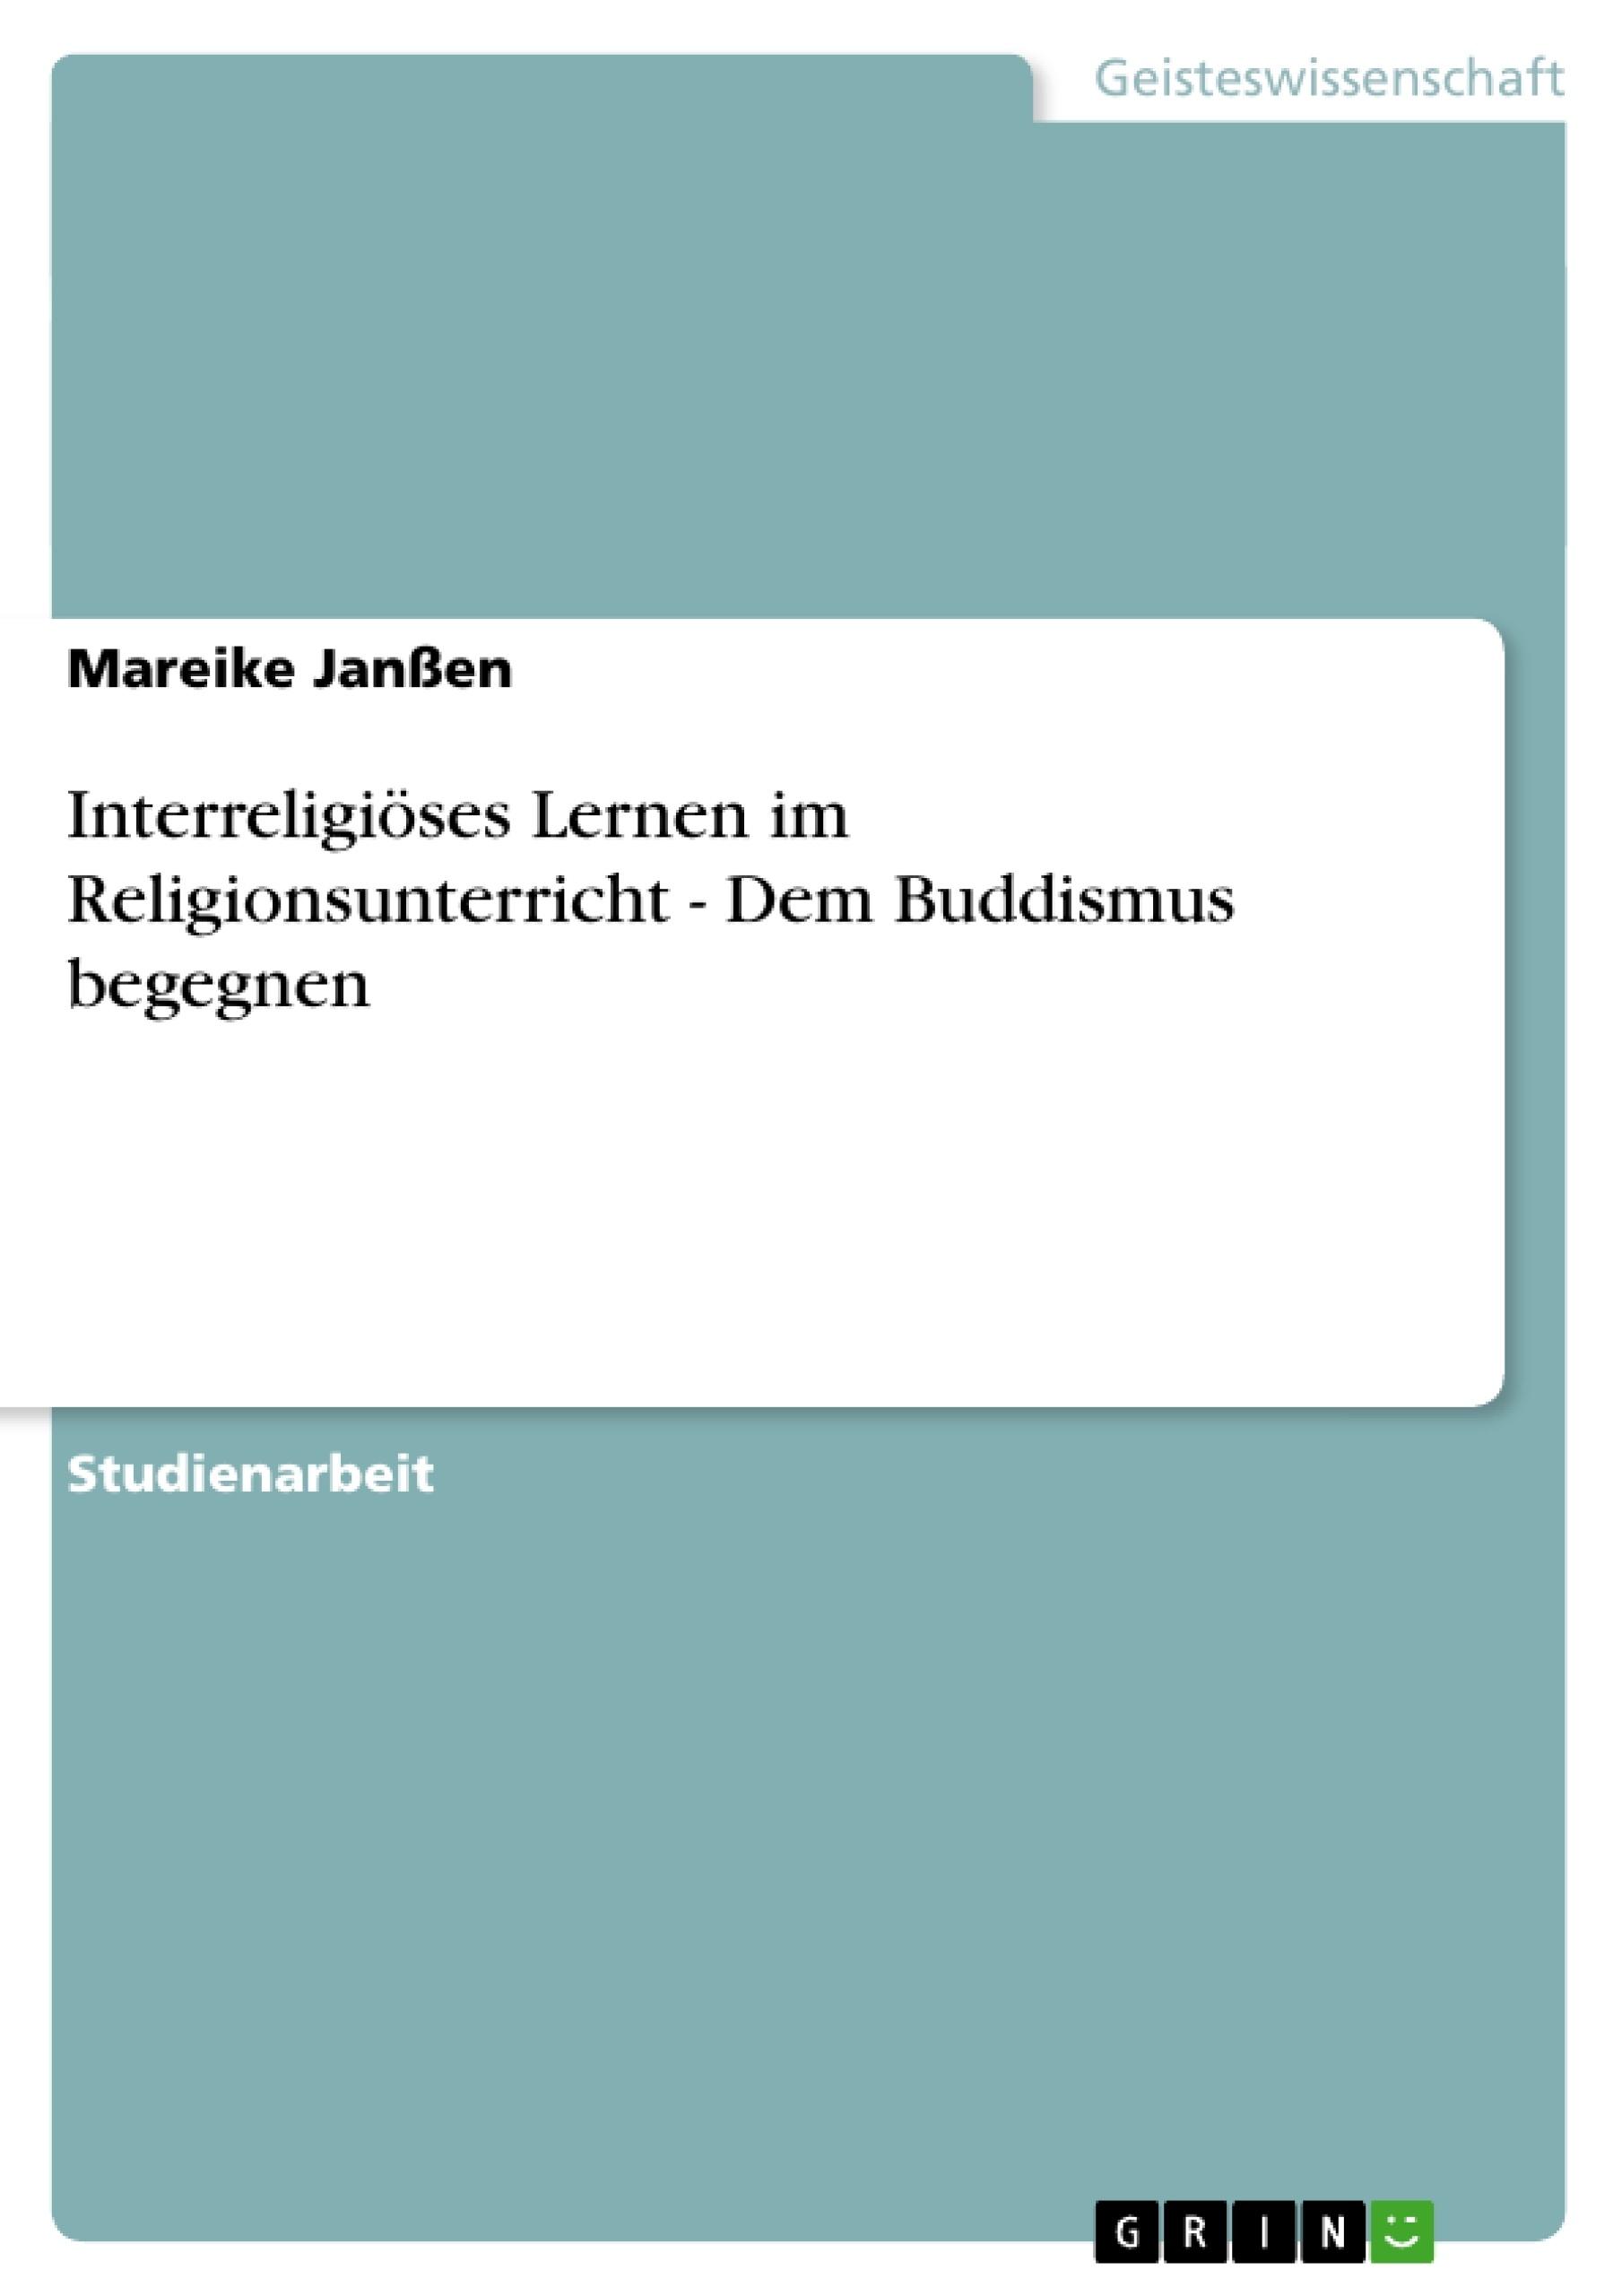 Titel: Interreligiöses Lernen im Religionsunterricht - Dem Buddismus begegnen